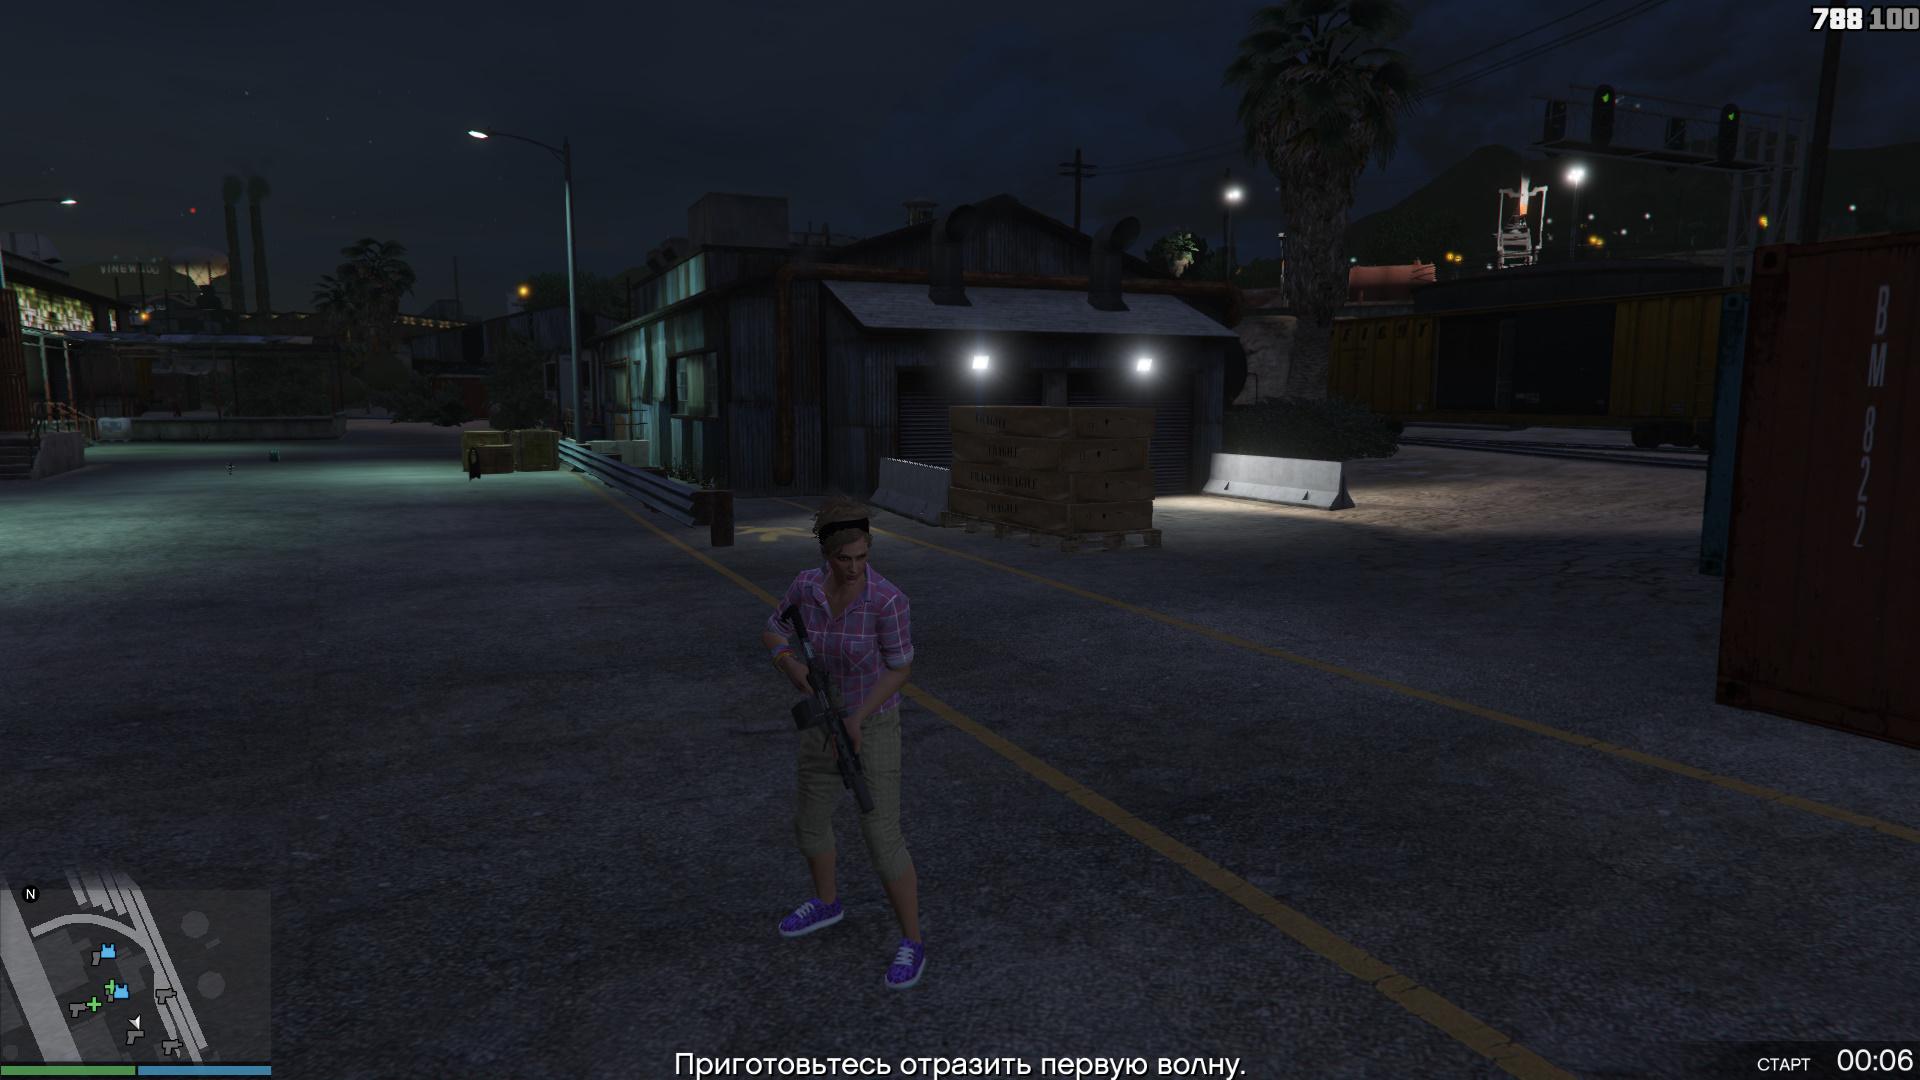 GTA5 2017-05-18 21-22-13-311.jpg - Grand Theft Auto 5 Открытый мир